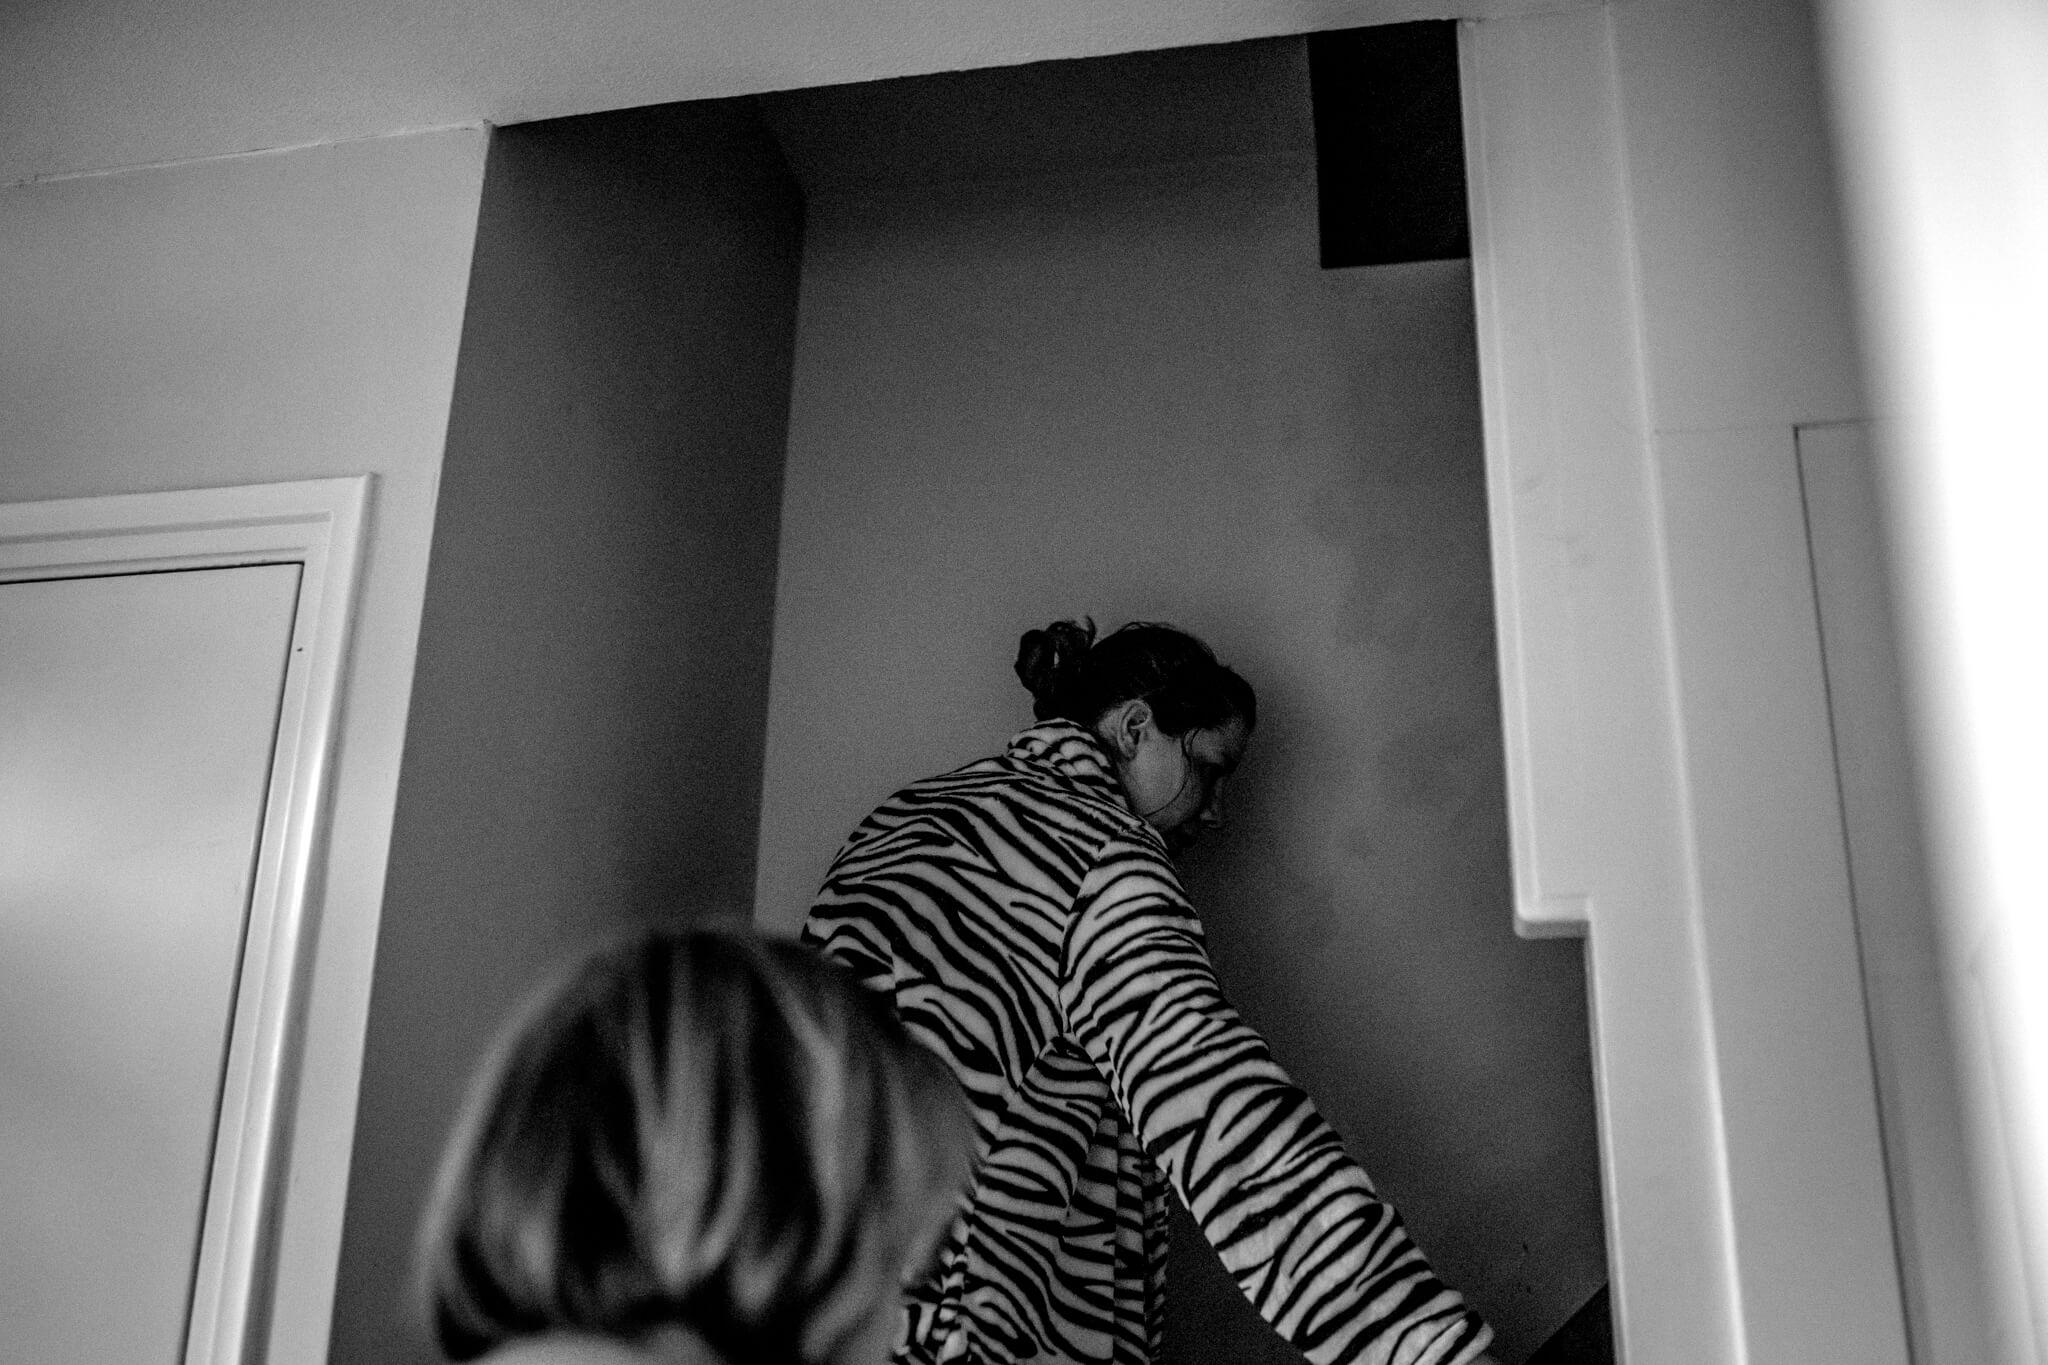 geboortefotografie Breda thuisgeboorte Birth Day geboortefotografie Cindy Willems